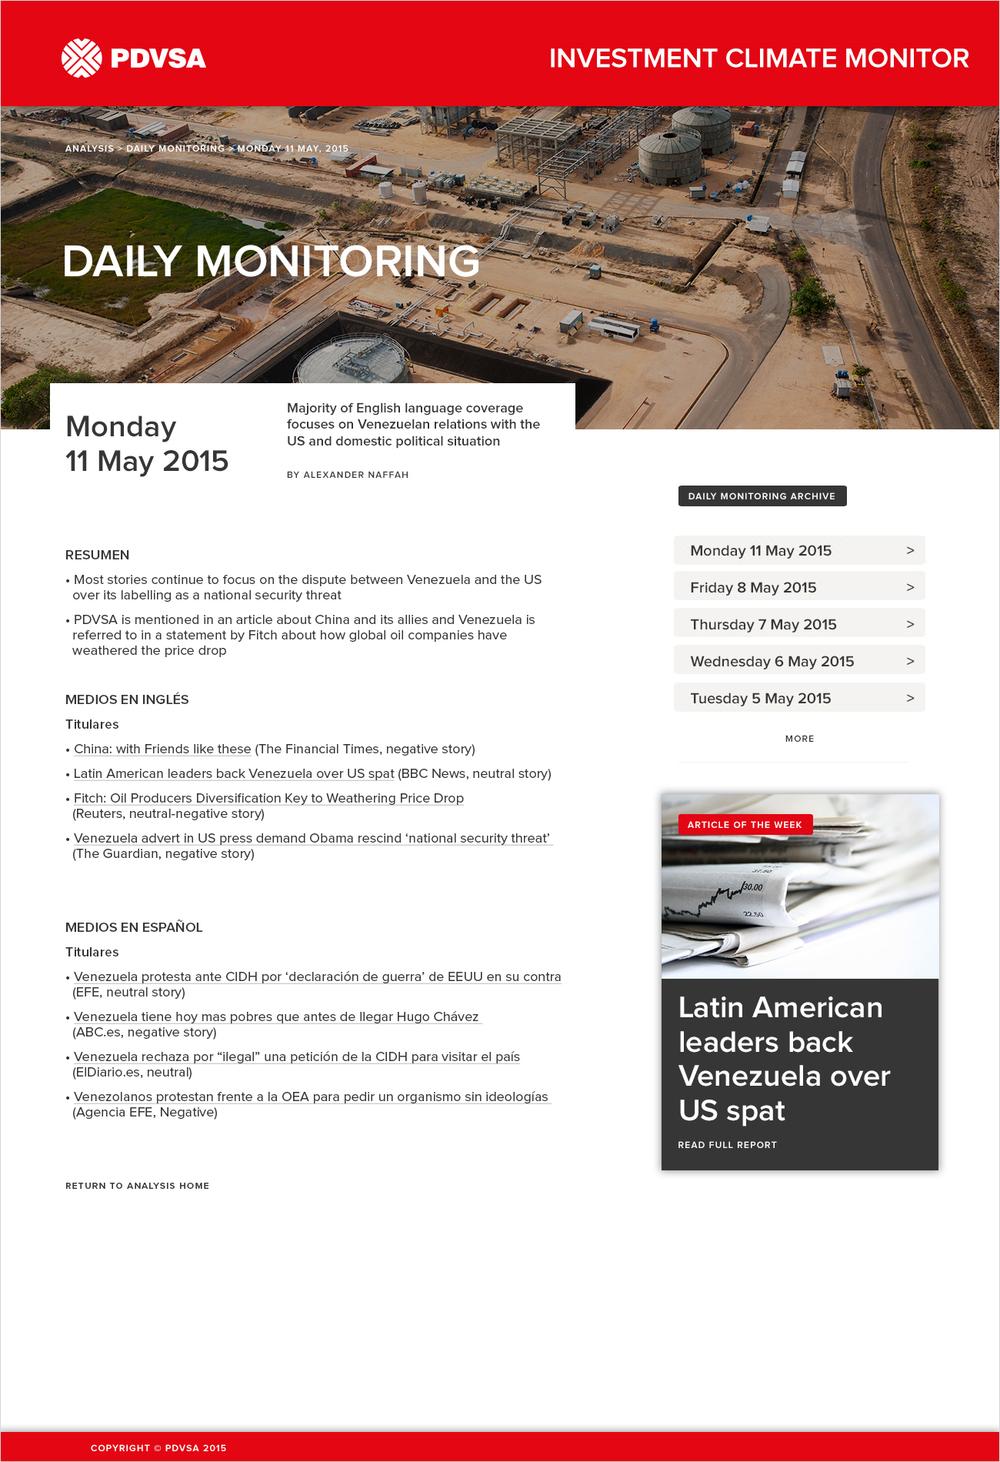 Daily media monitoring